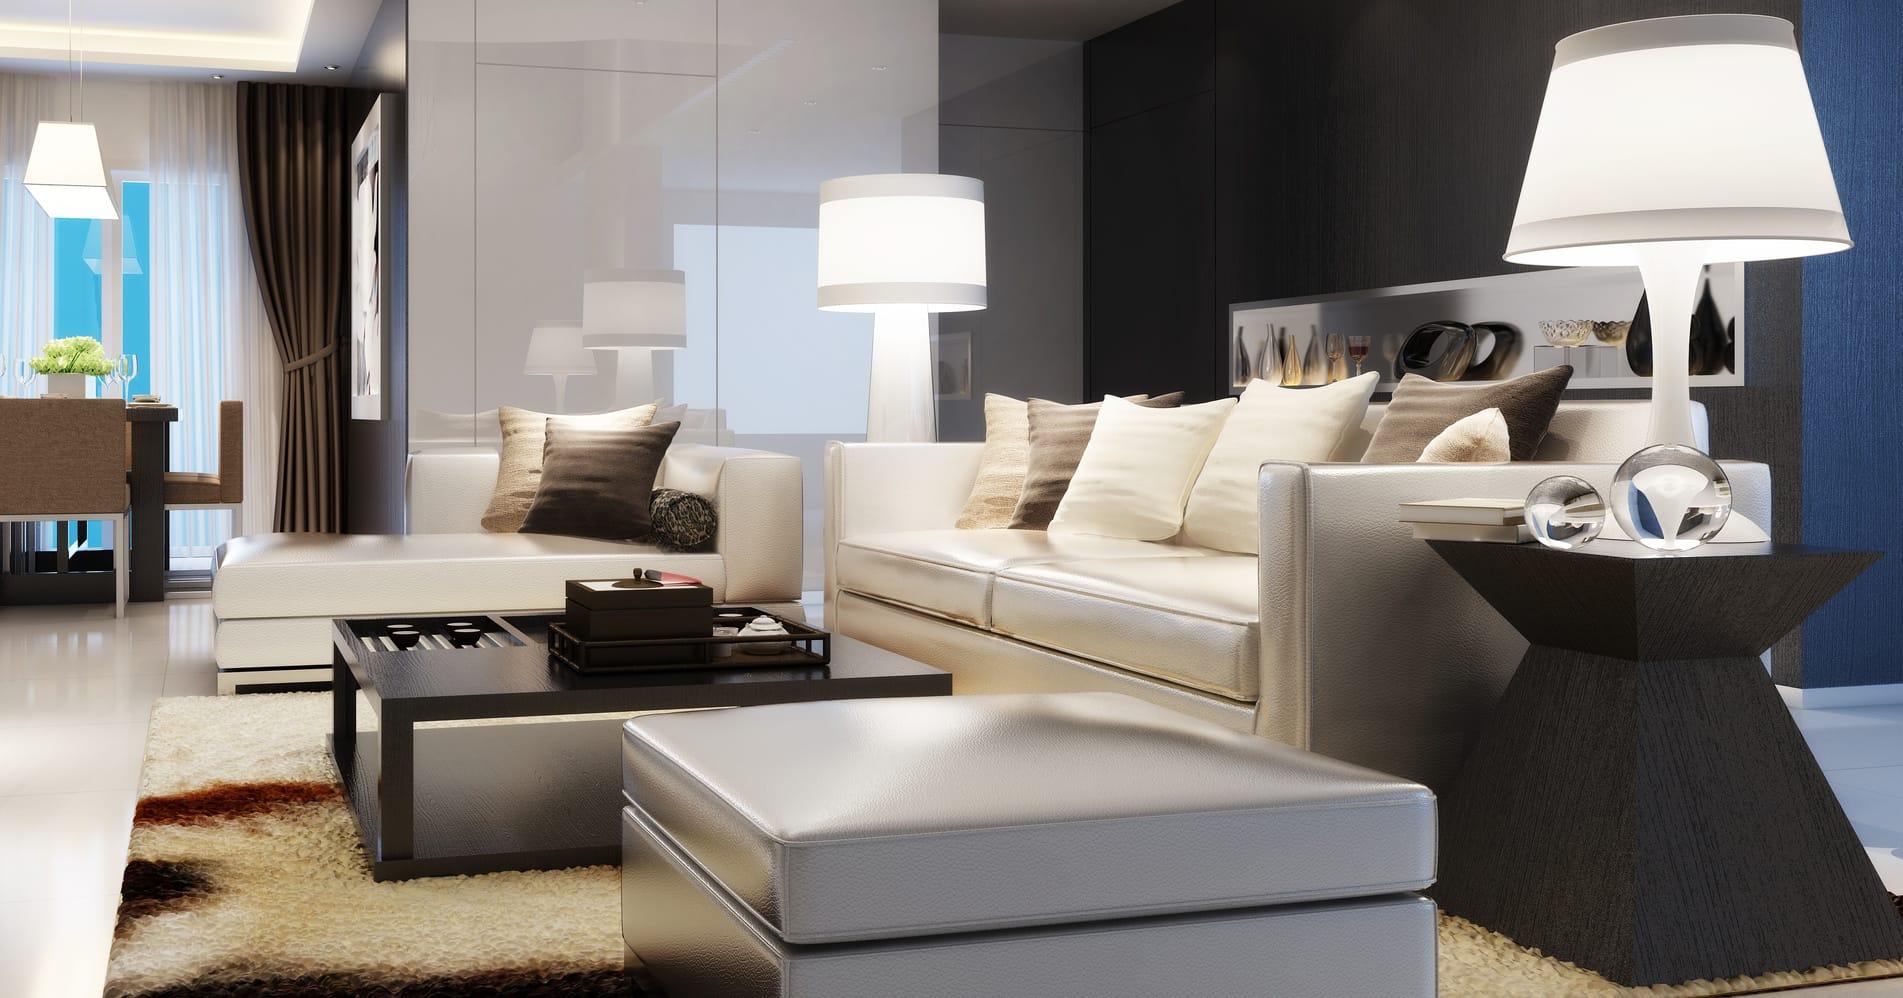 Modern Wohnen Einrichten Und Dekorieren Mit Stil Von – Home Sweet Home